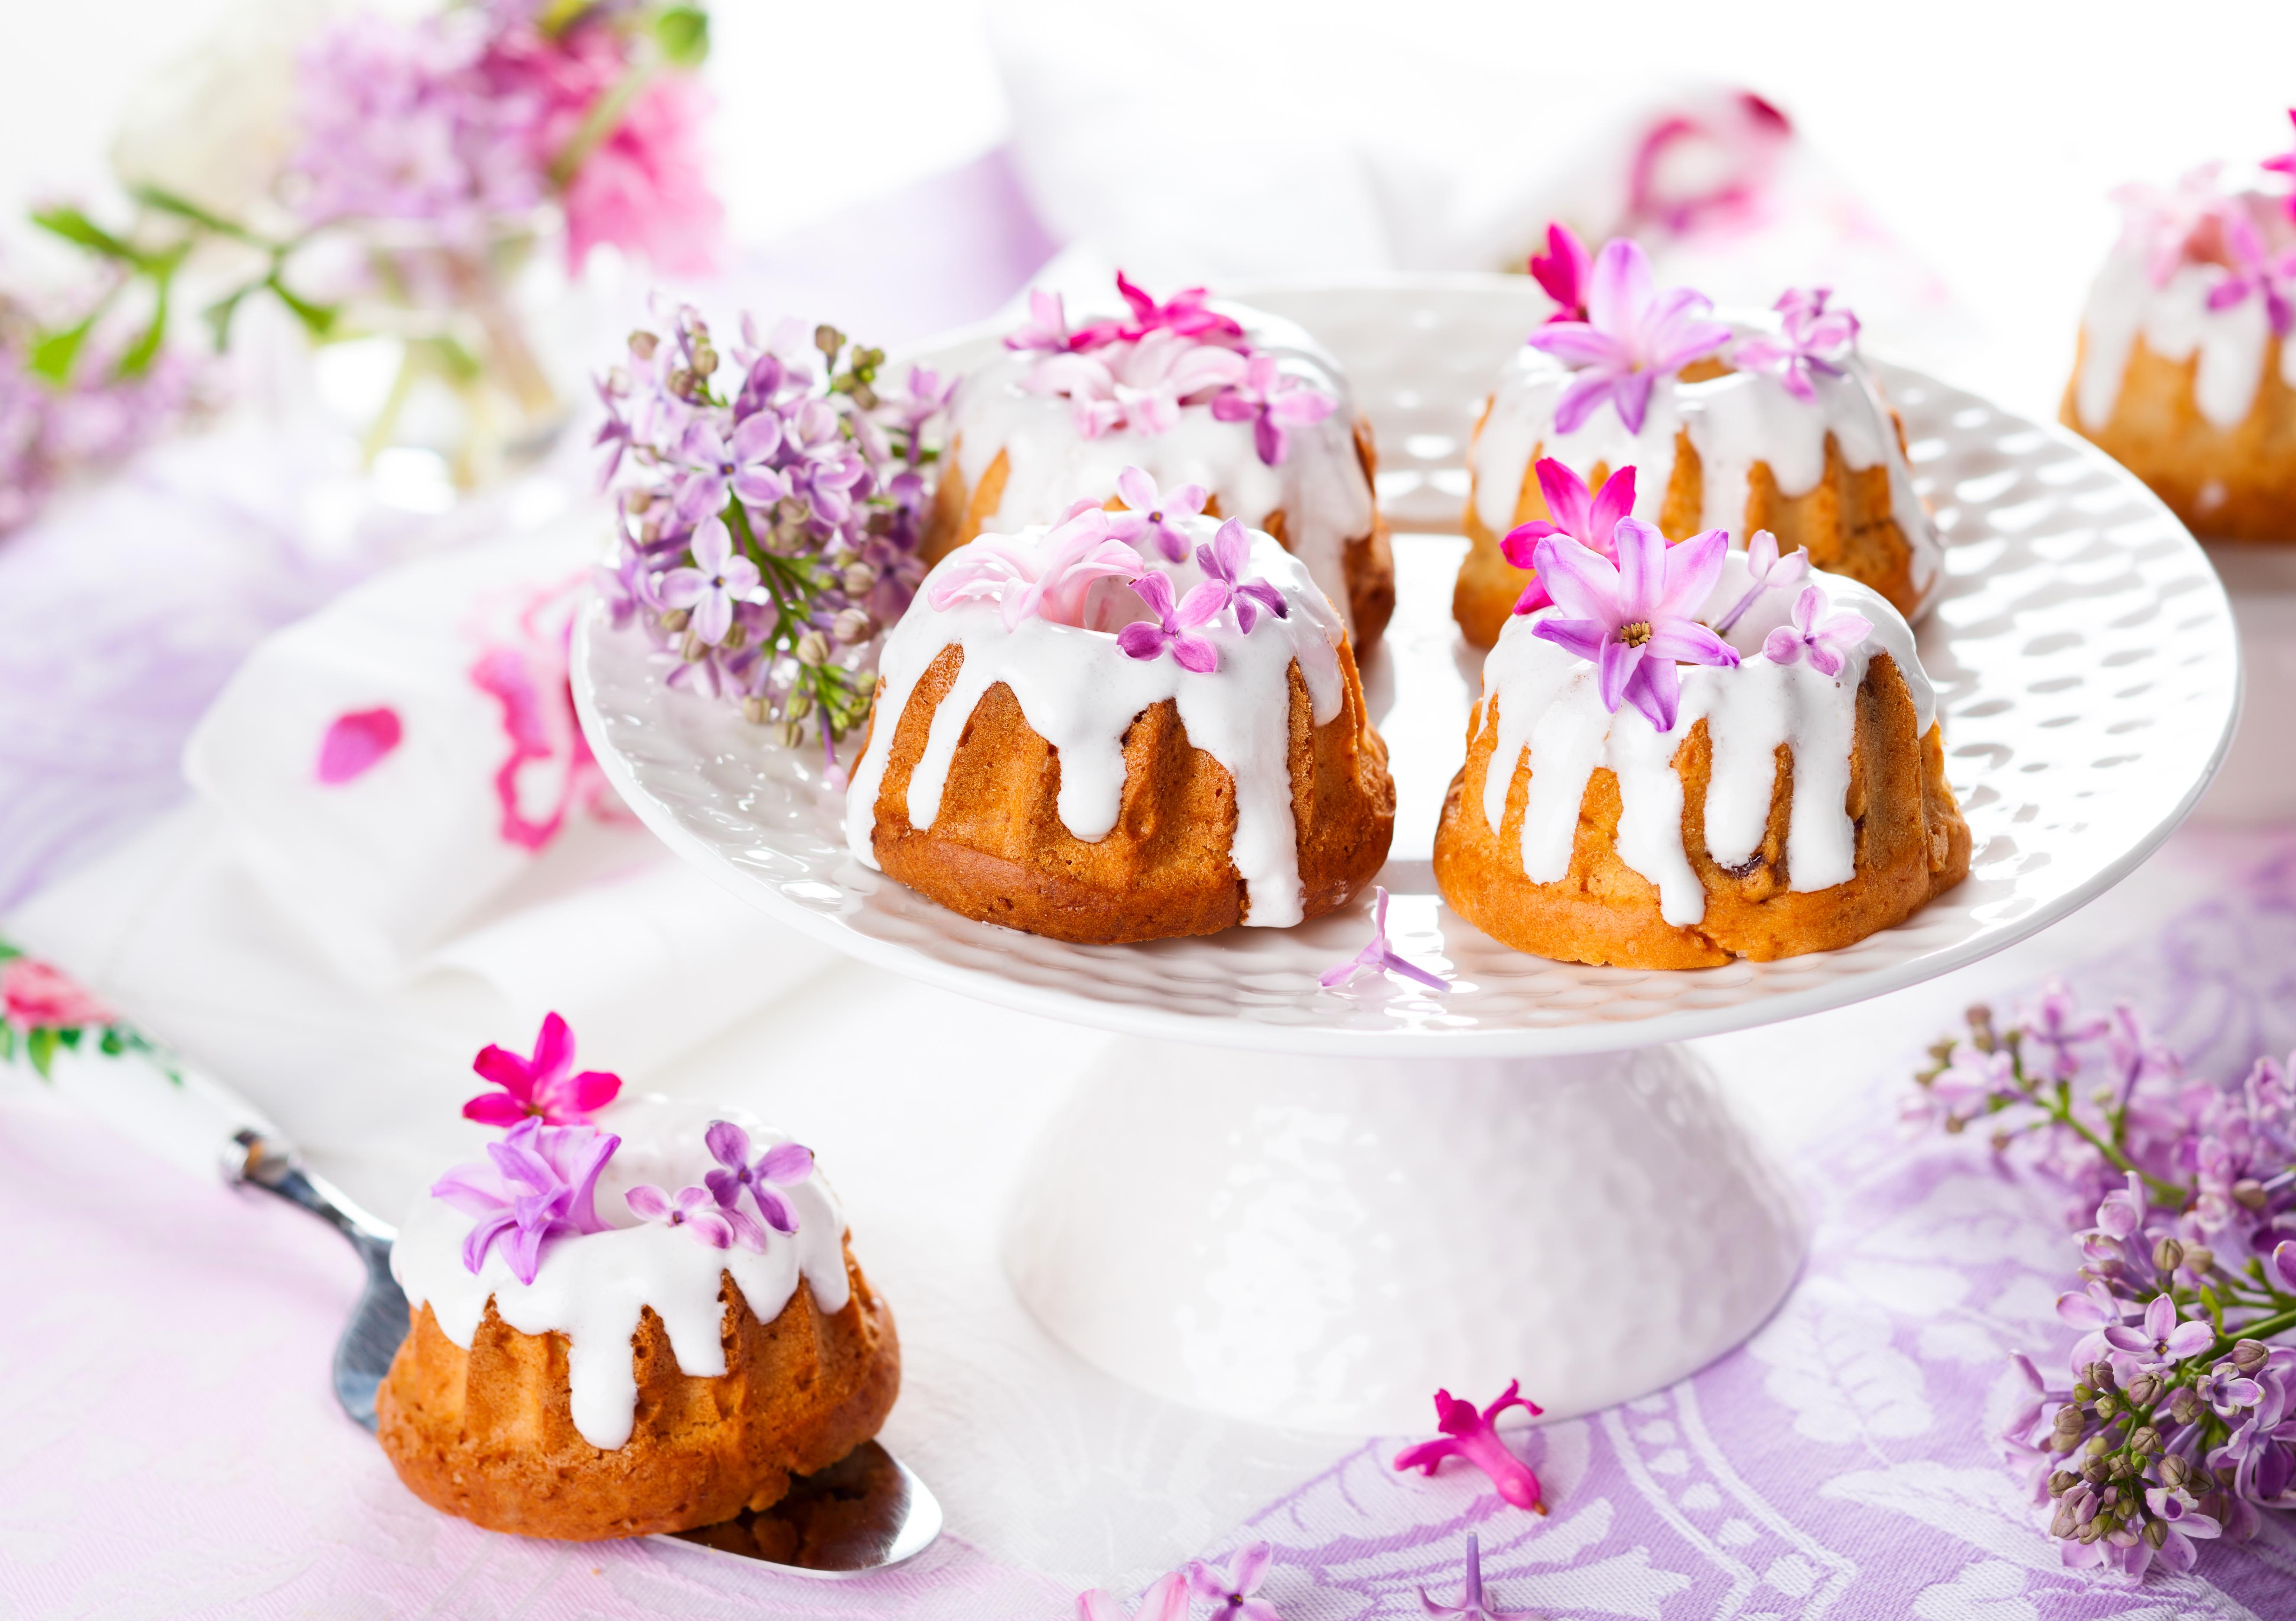 природа цветы сирень сахар блюдо  № 1154335 без смс